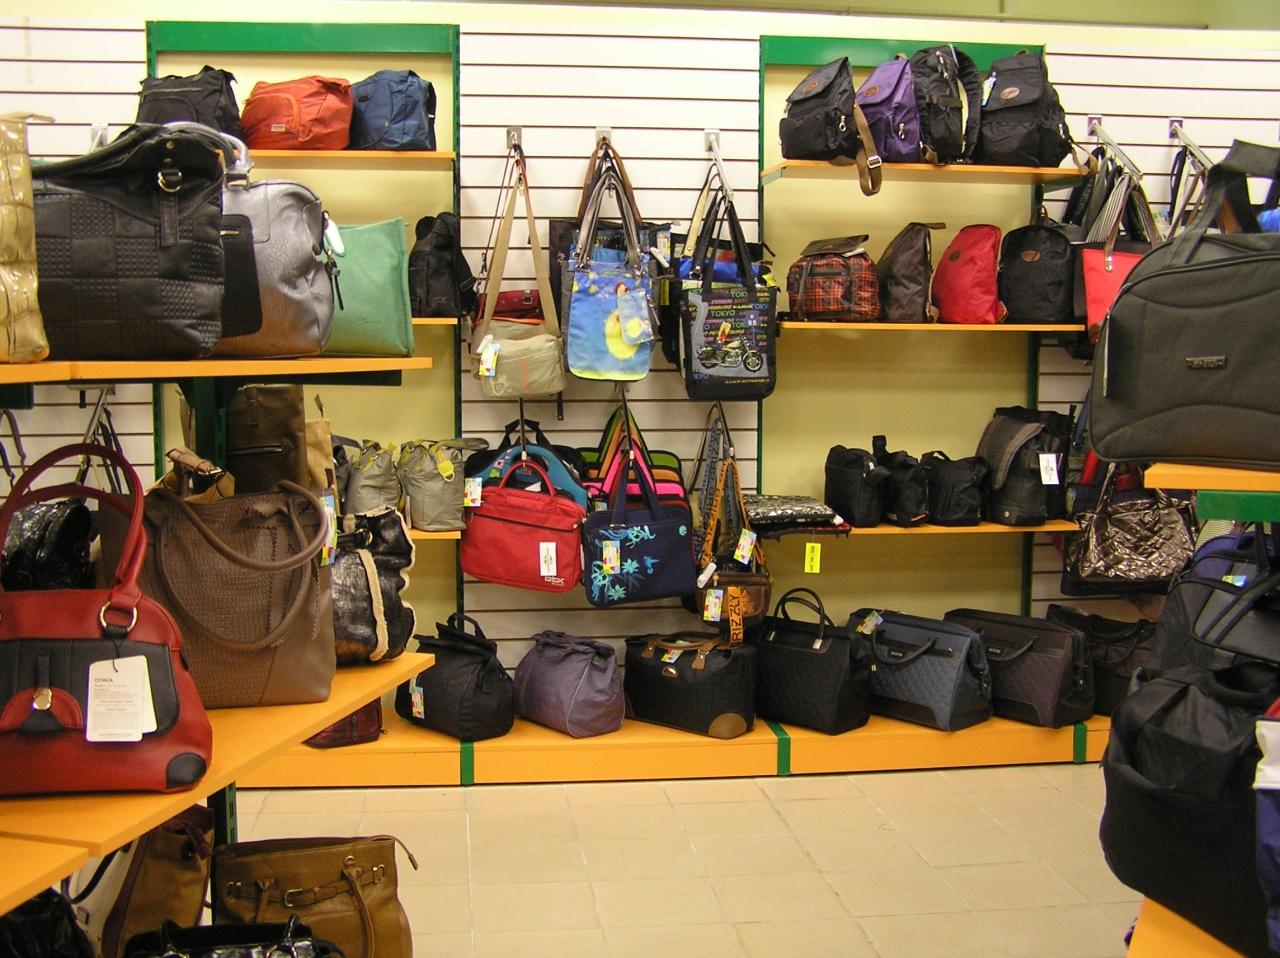 Империя сумок, Сеть магазинов | Отзывы покупателей